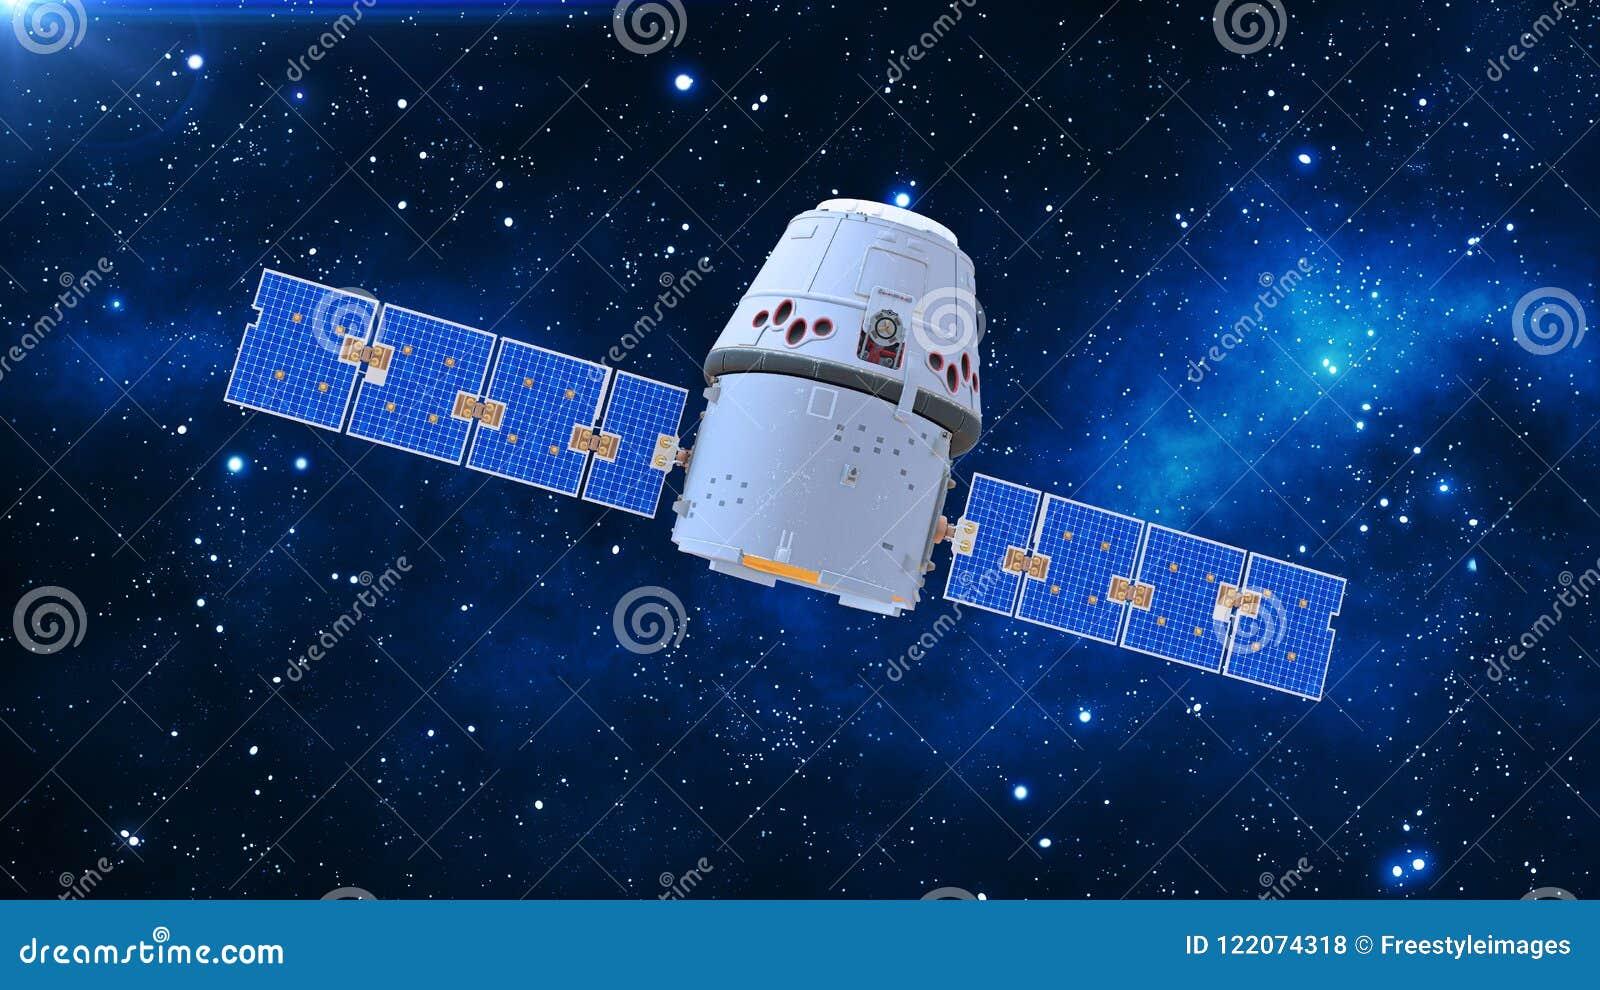 De ruimtesatelliet, de communicatiesatelliet met capsule en de zonnepanelen in kosmos met sterren op de 3D achtergrond, geven ter